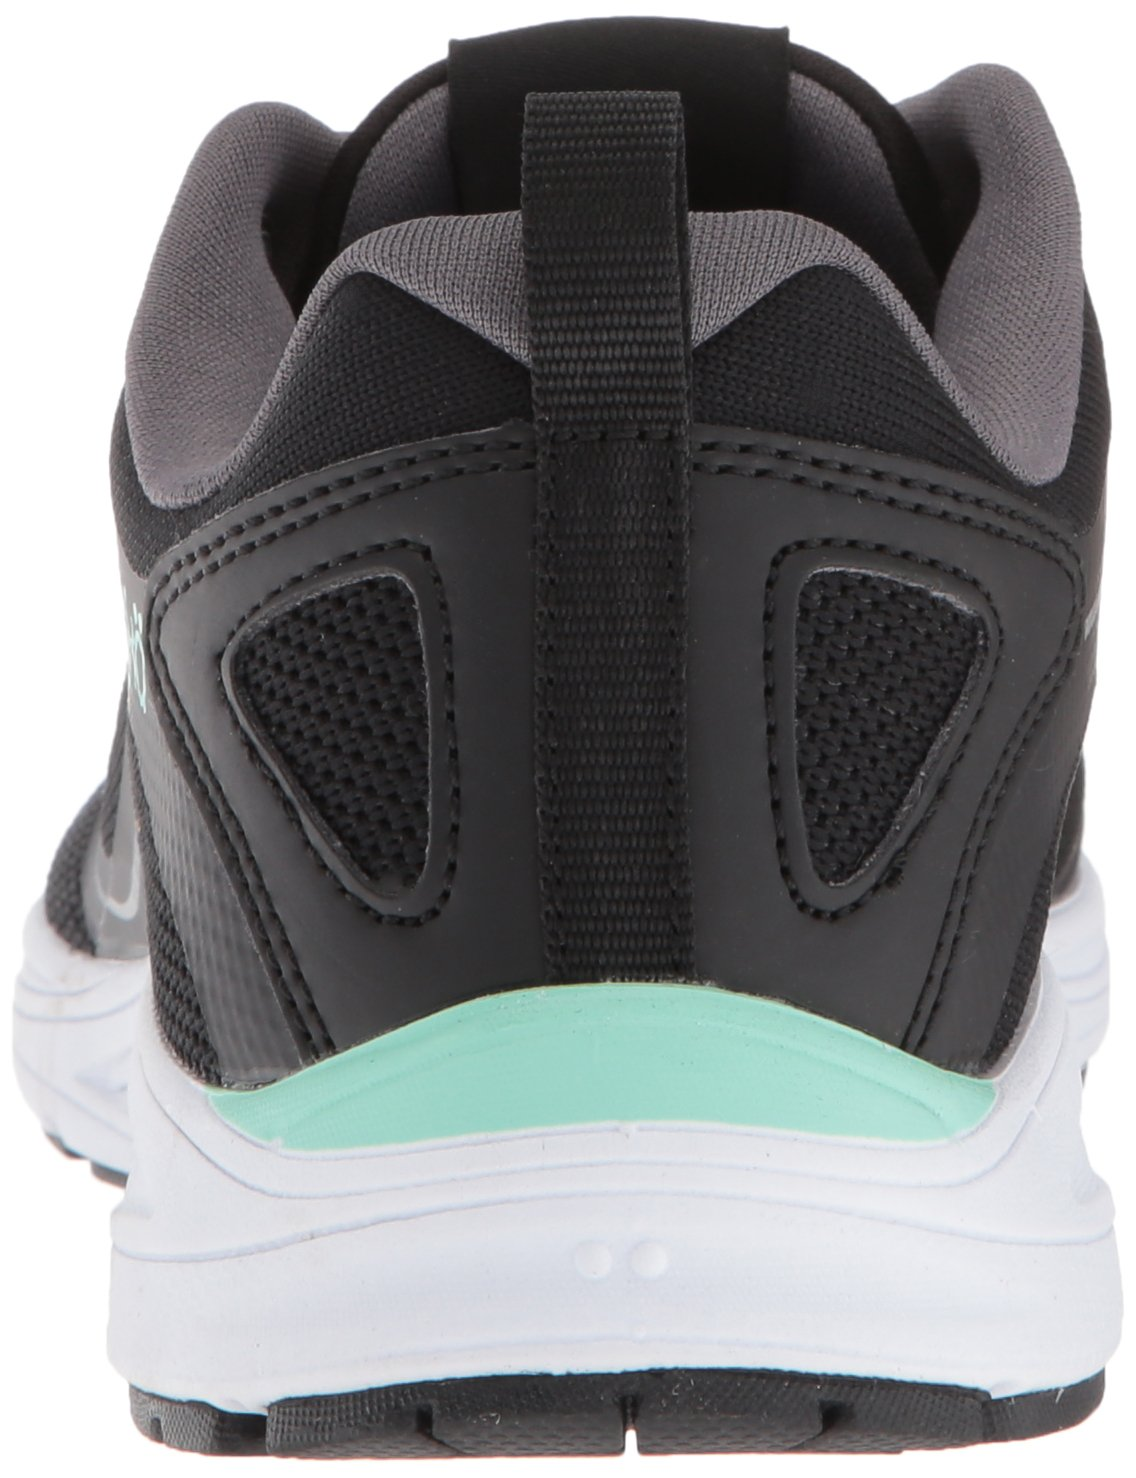 Ryka Women's Sky Bolt Walking Shoe B079ZC9VKT 6 W US|Black/Grey/Mint